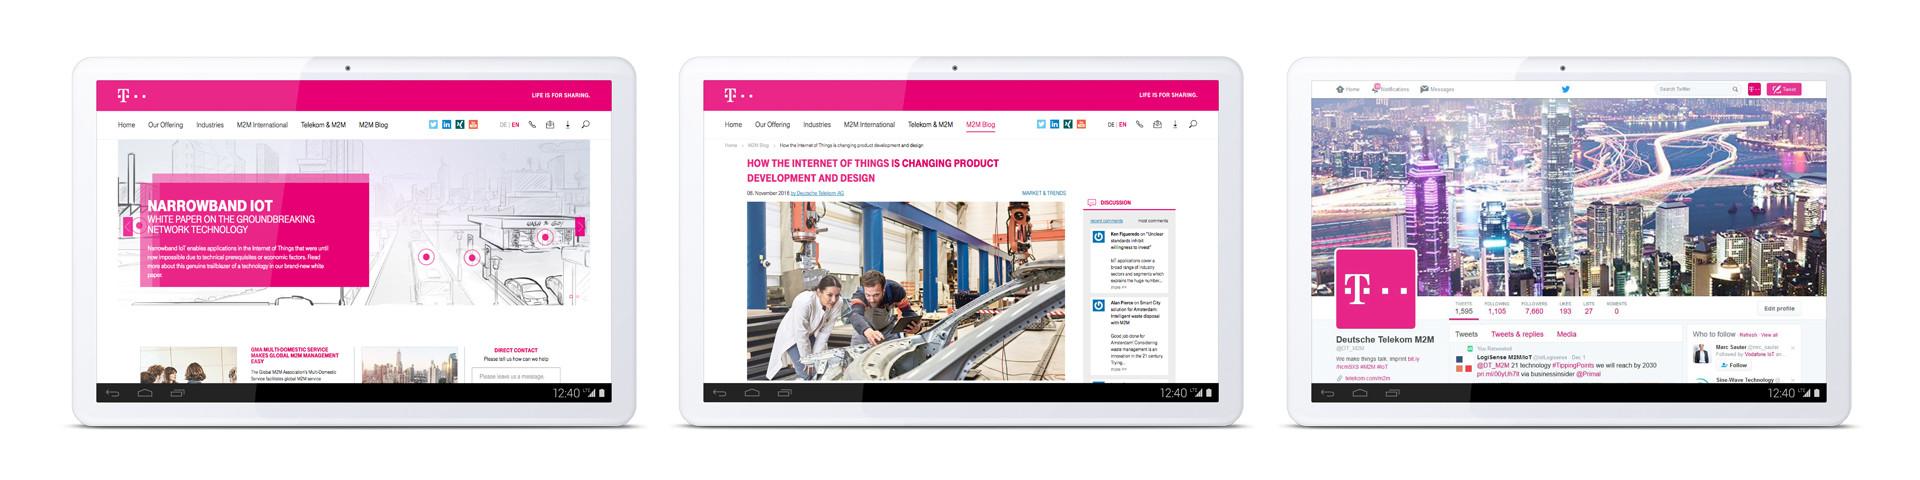 Deutsche Telekom – M2M / IOT – Tablet